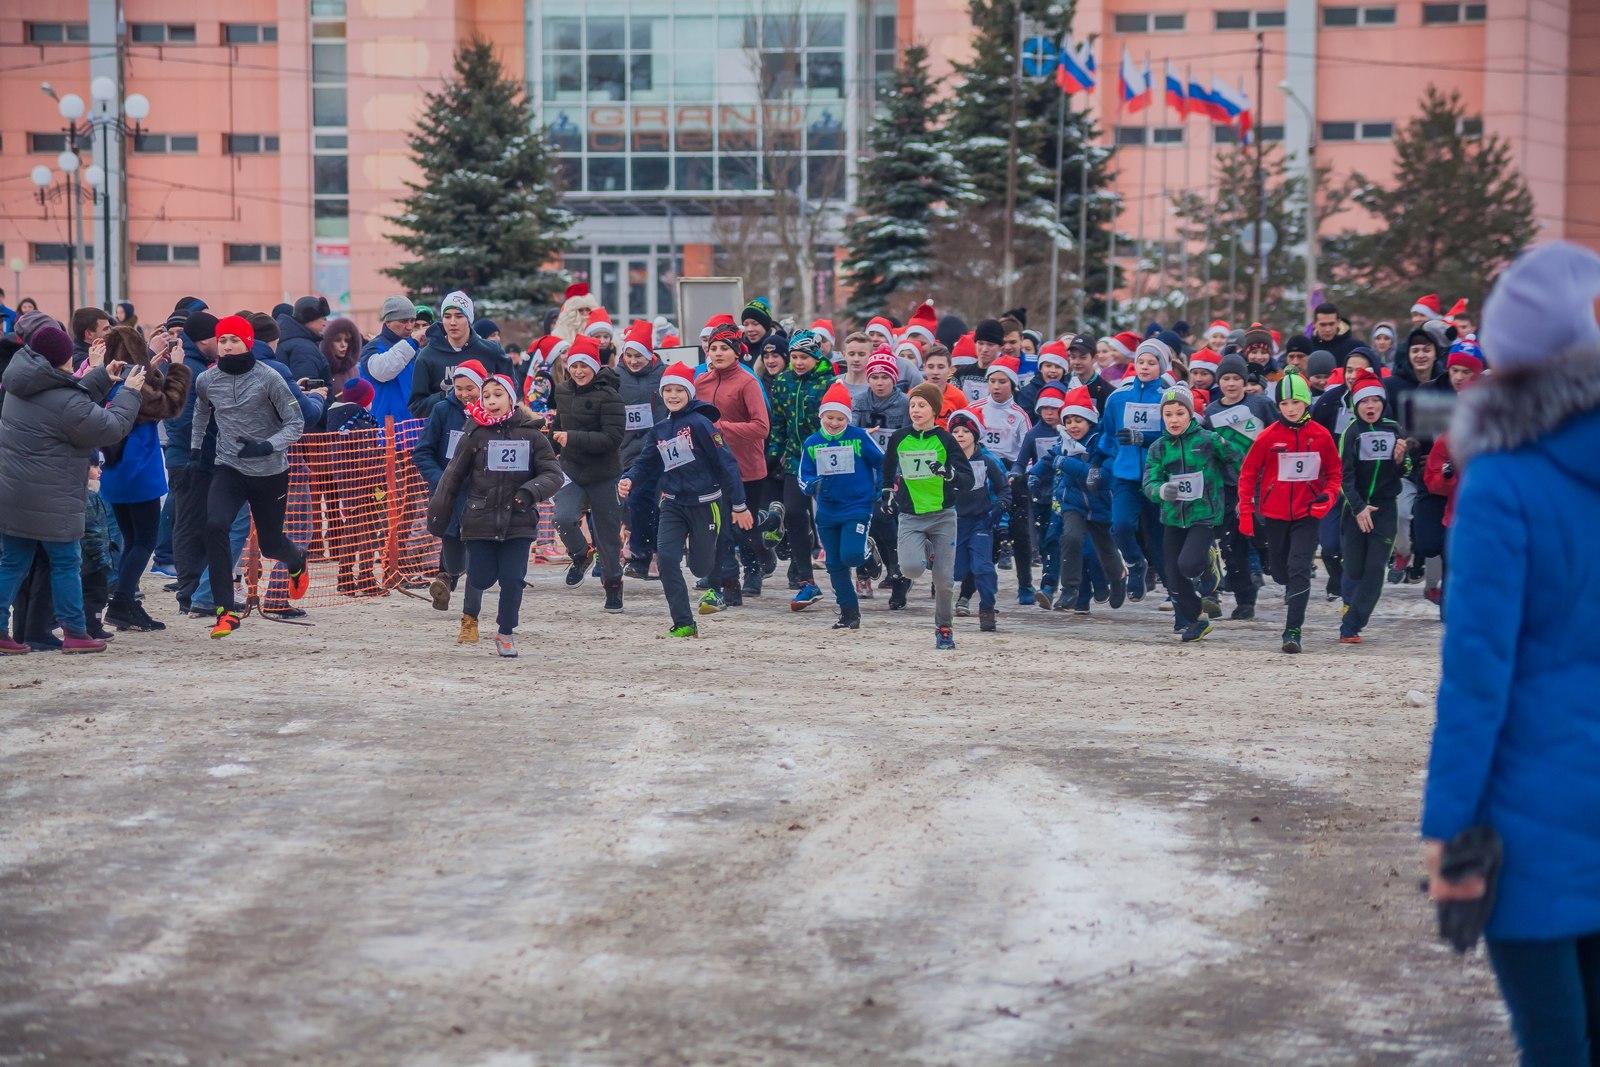 22 декабря на Октябрьской площади состоится традиционный легкоатлетический пробег.